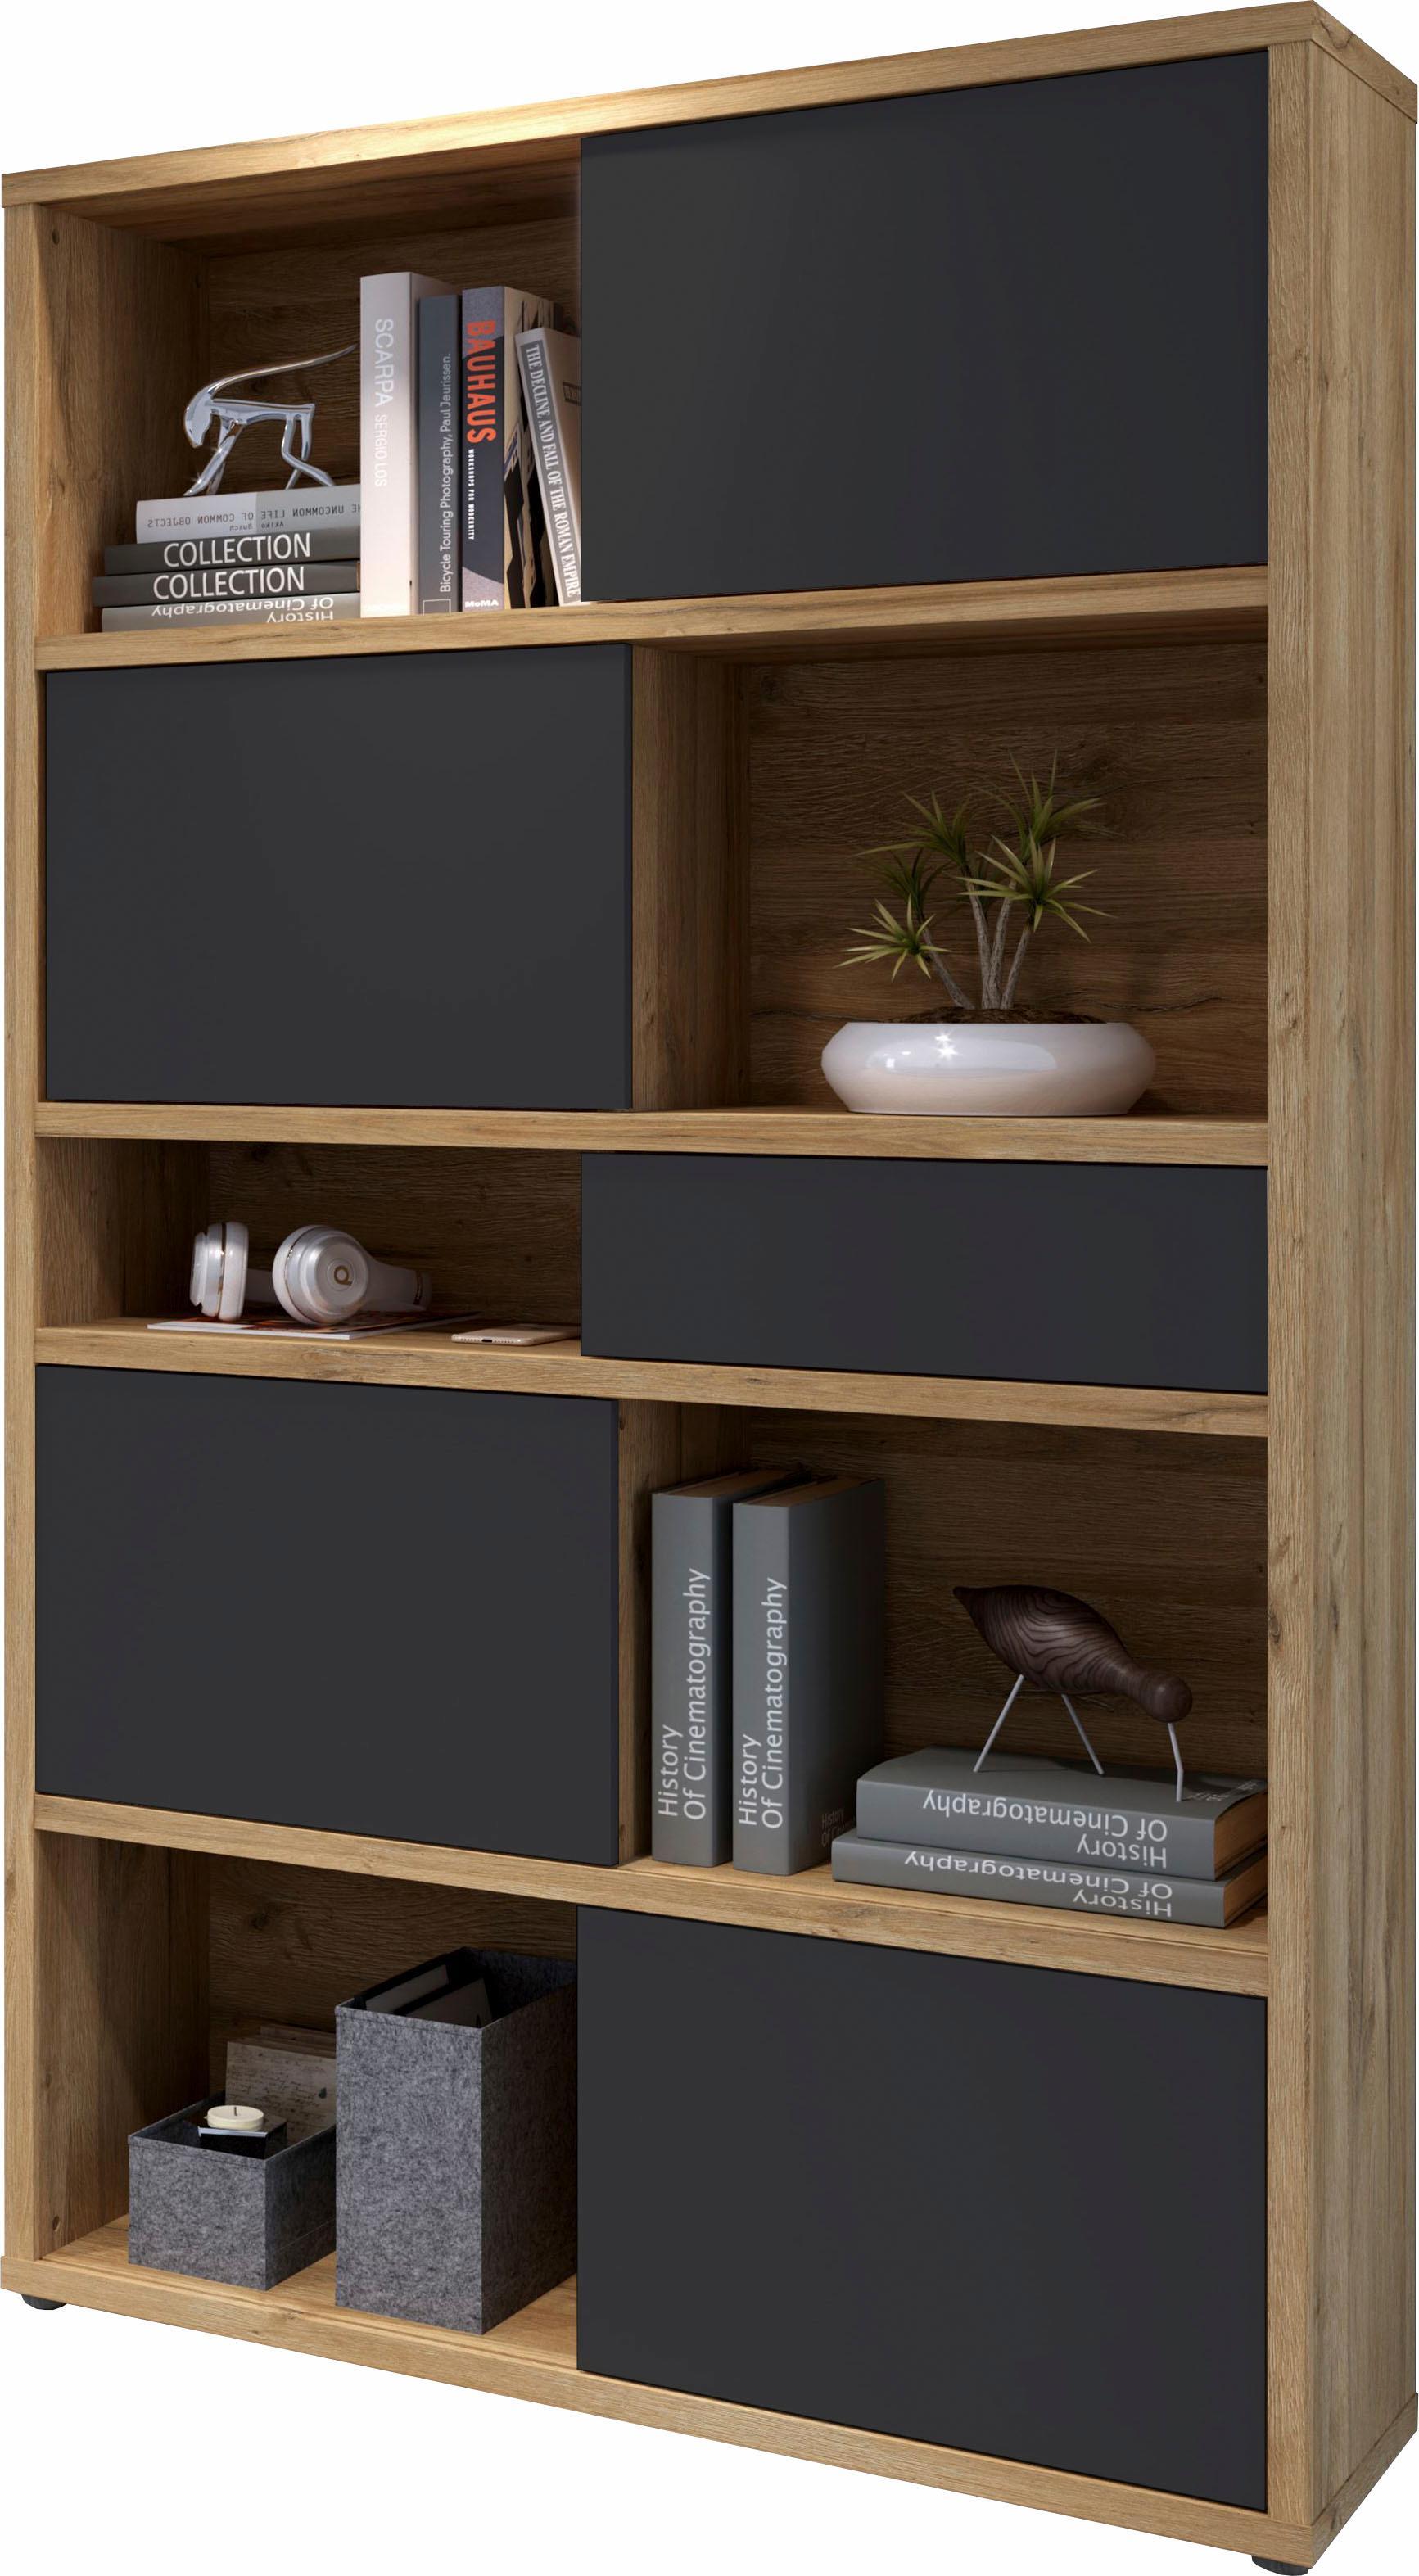 HMW Standregal Slide | Wohnzimmer > Regale > Einzelregale | HMW